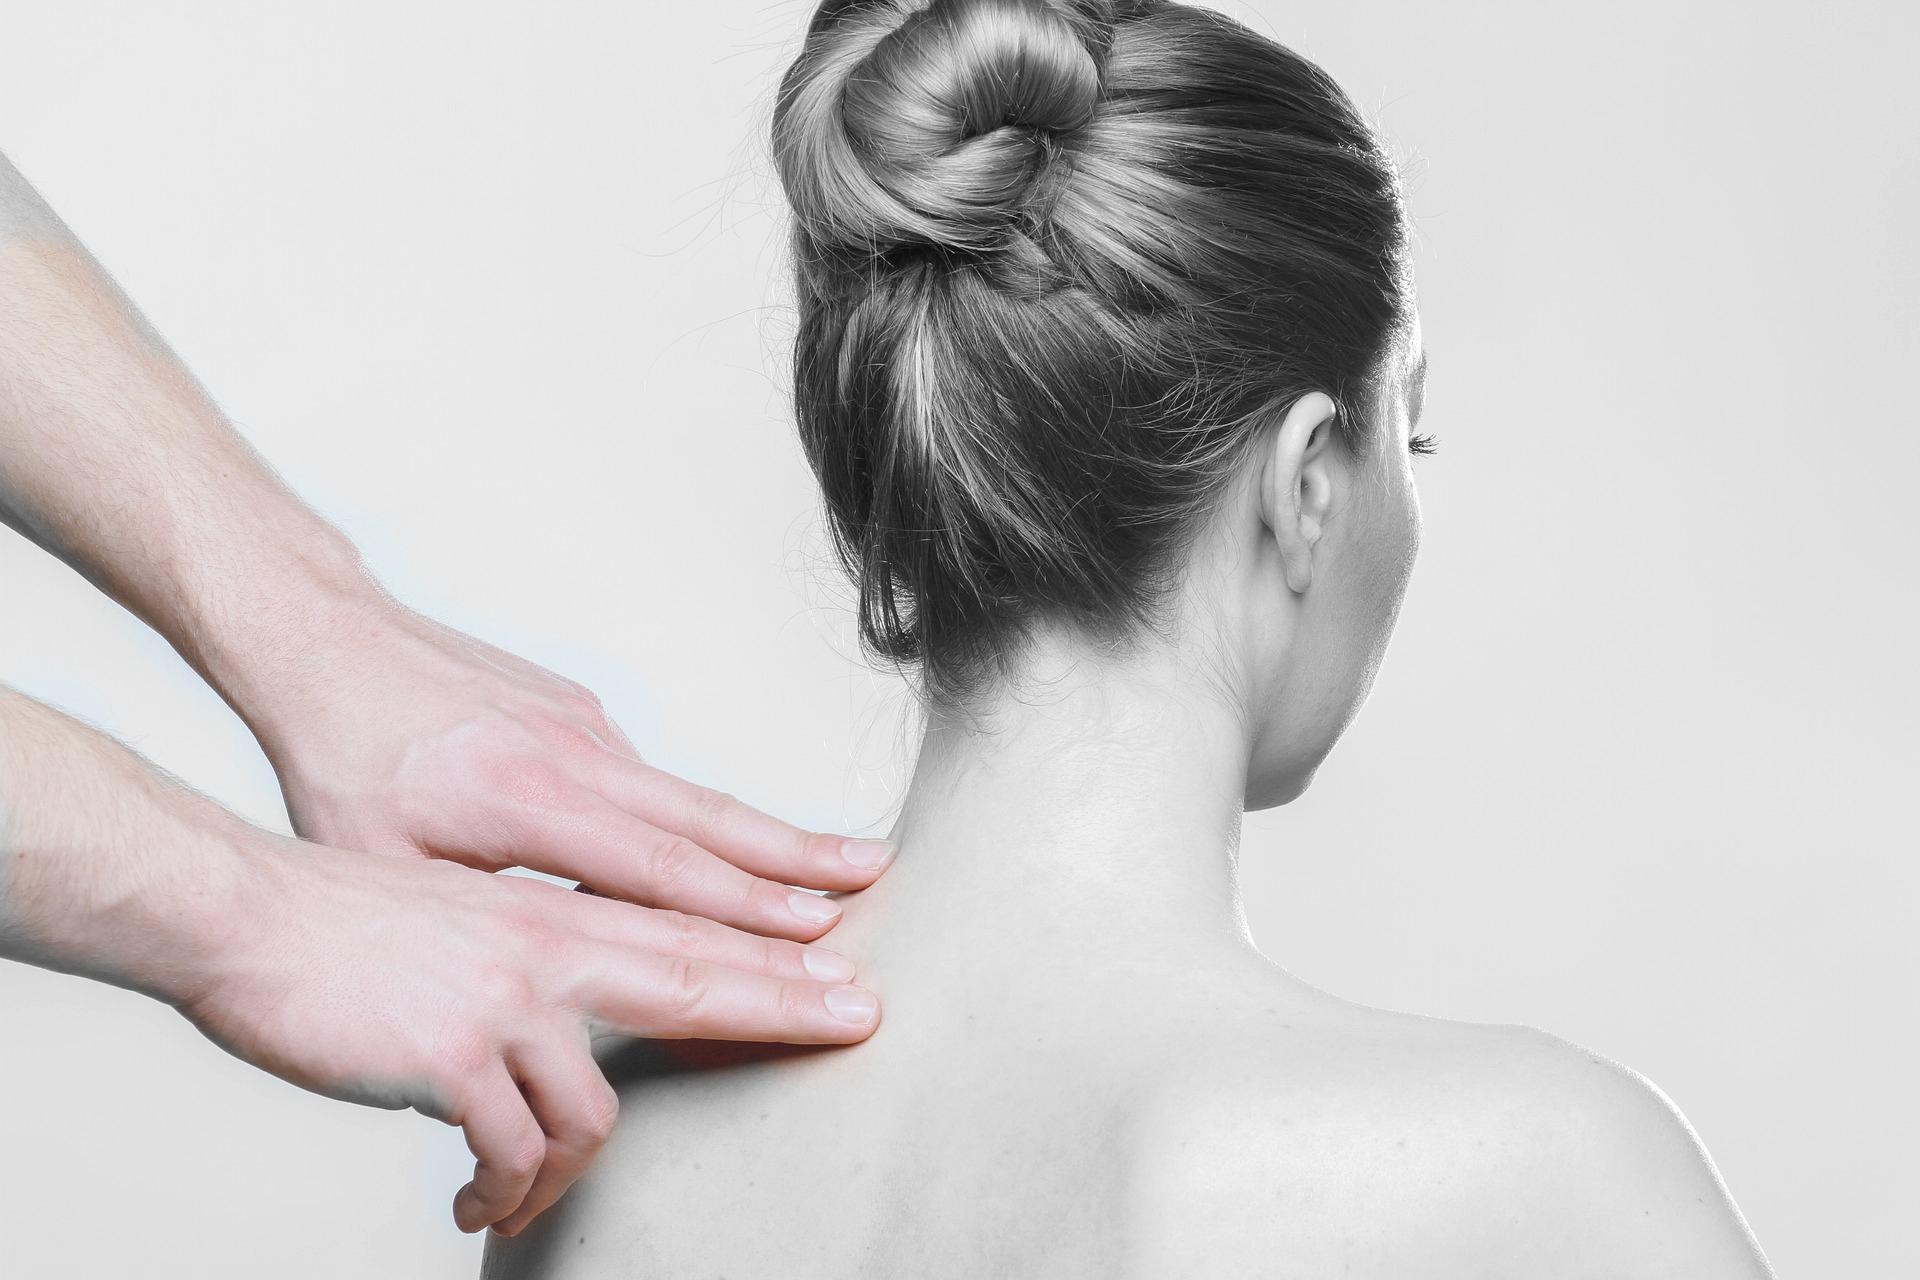 Michael P. Wipplinger - Bowtech - die Bowen Methode eine Massagetechnik zur Beschwerdelösung in Wels